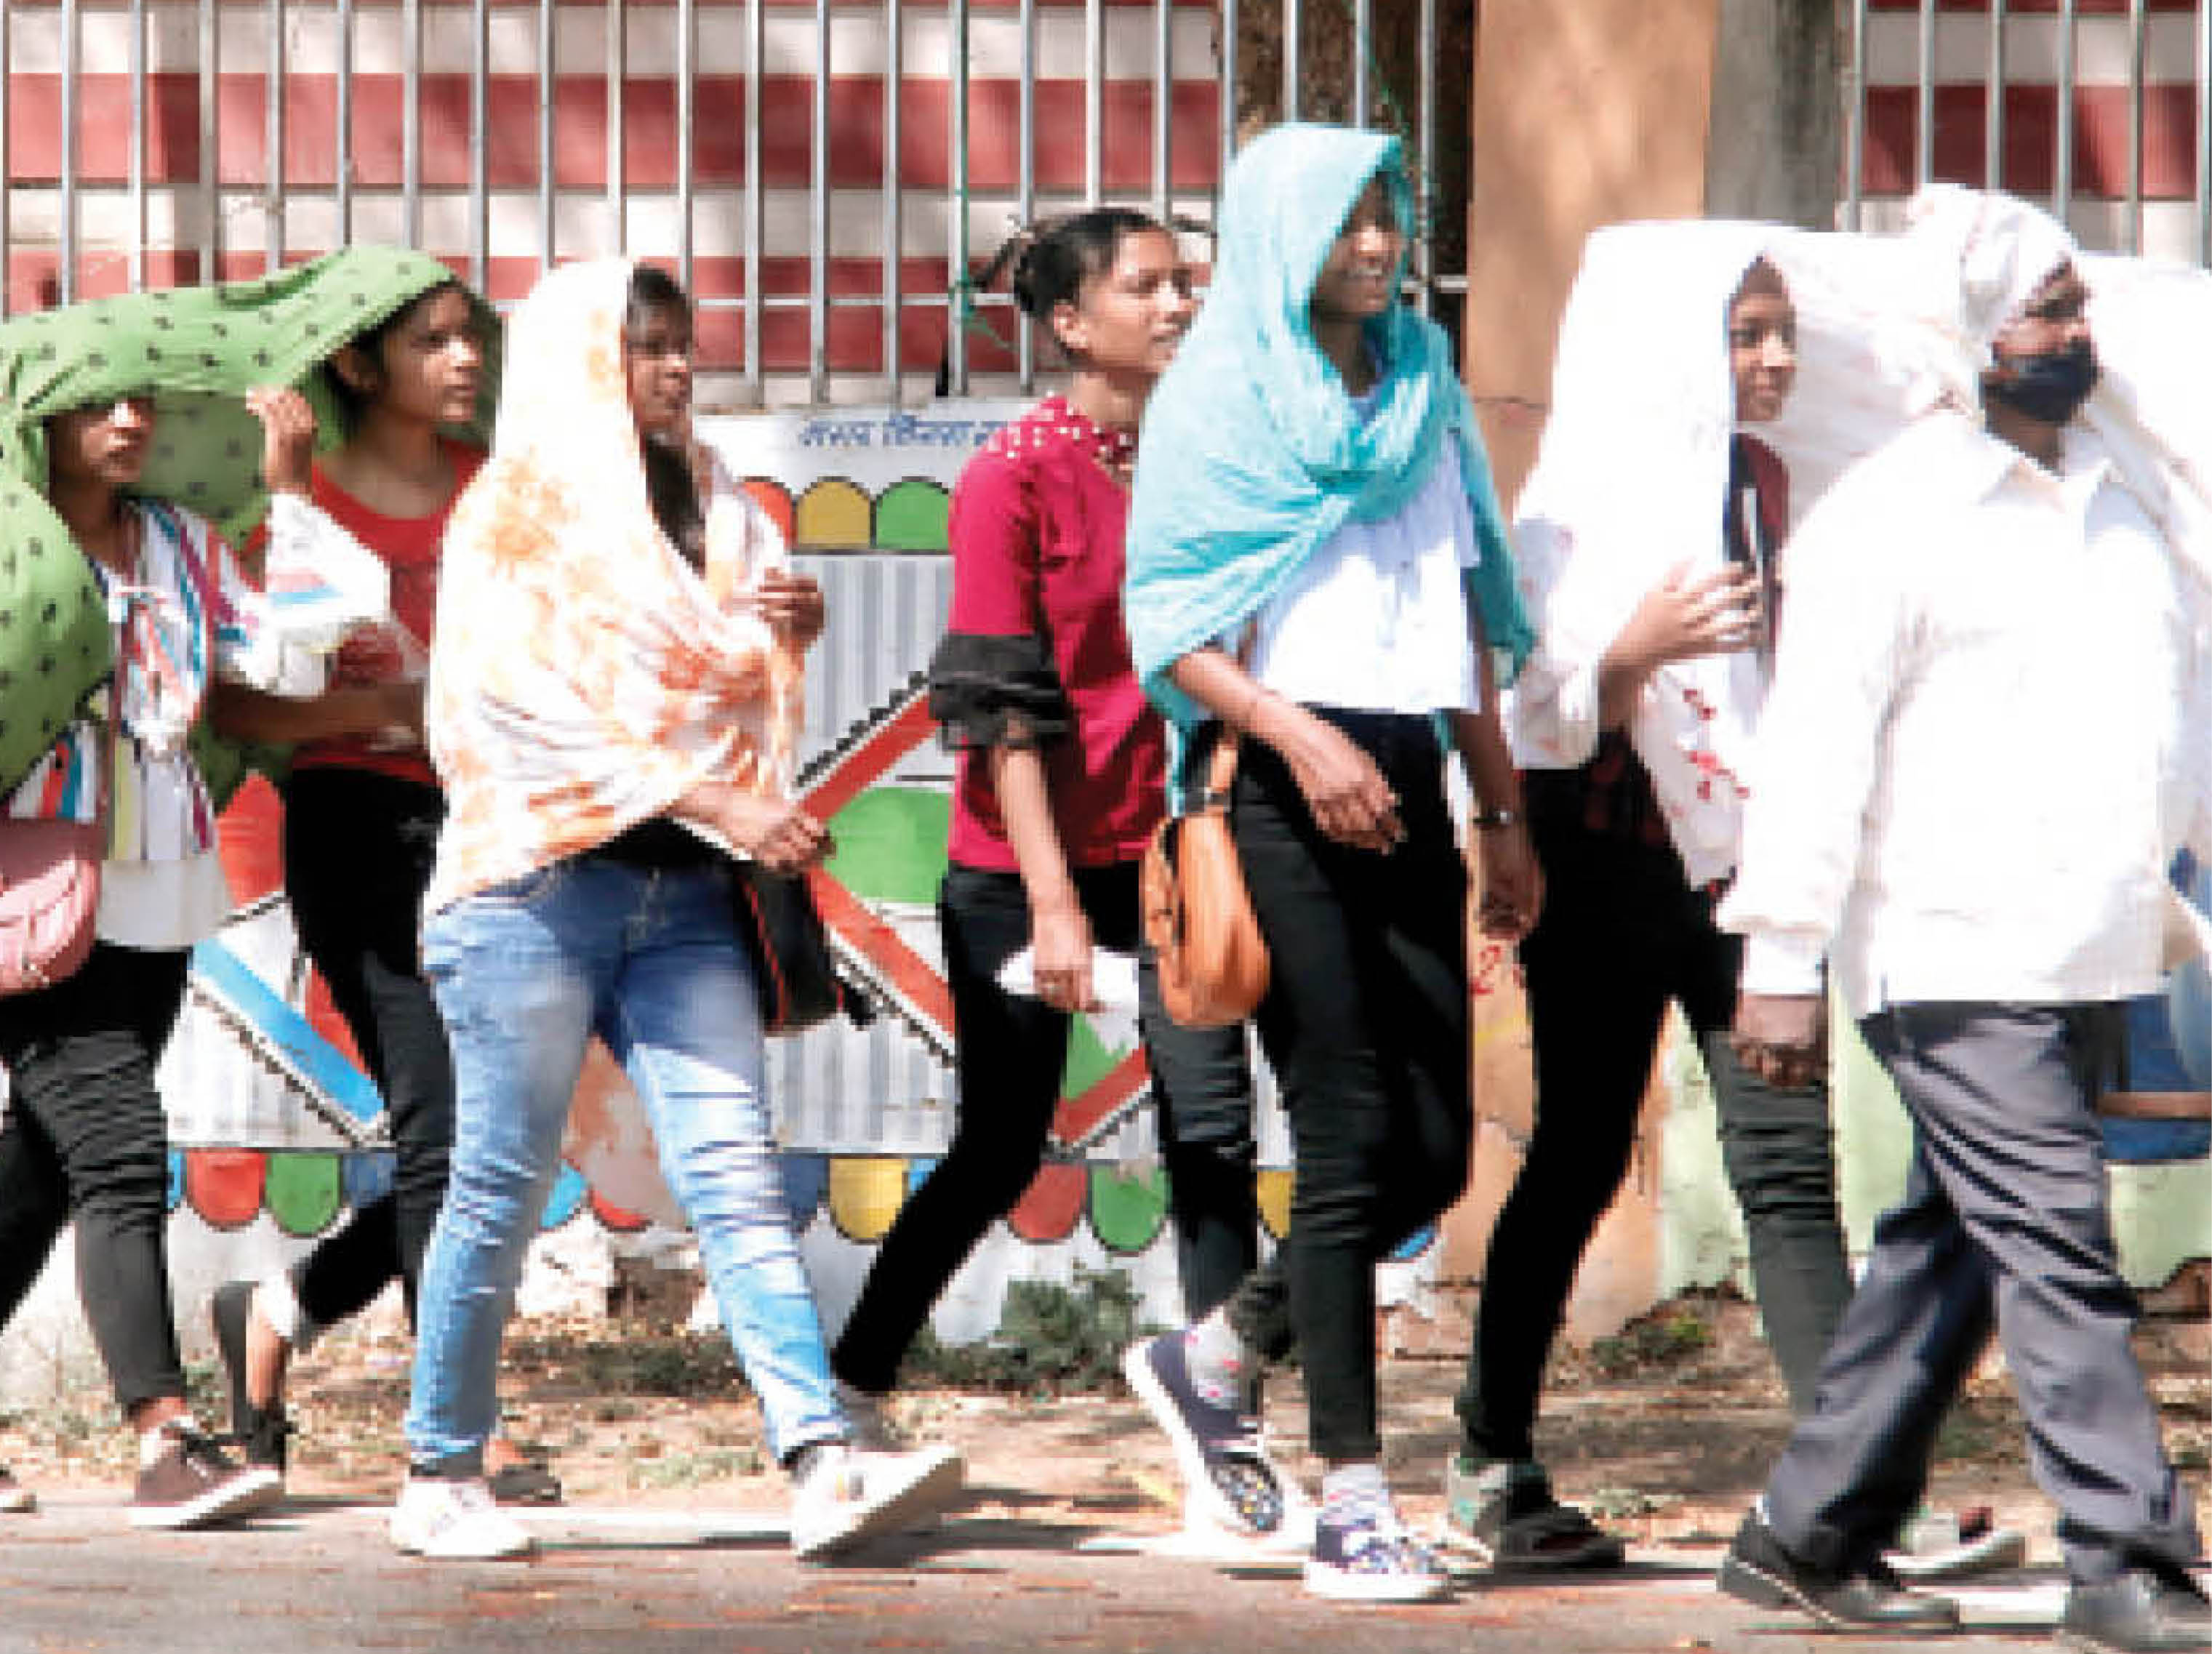 इस बार मार्च में ही लू चलने की आशंका; 40 डिग्री तक पहुंच सकता है तापमान ग्वालियर,Gwalior - Dainik Bhaskar